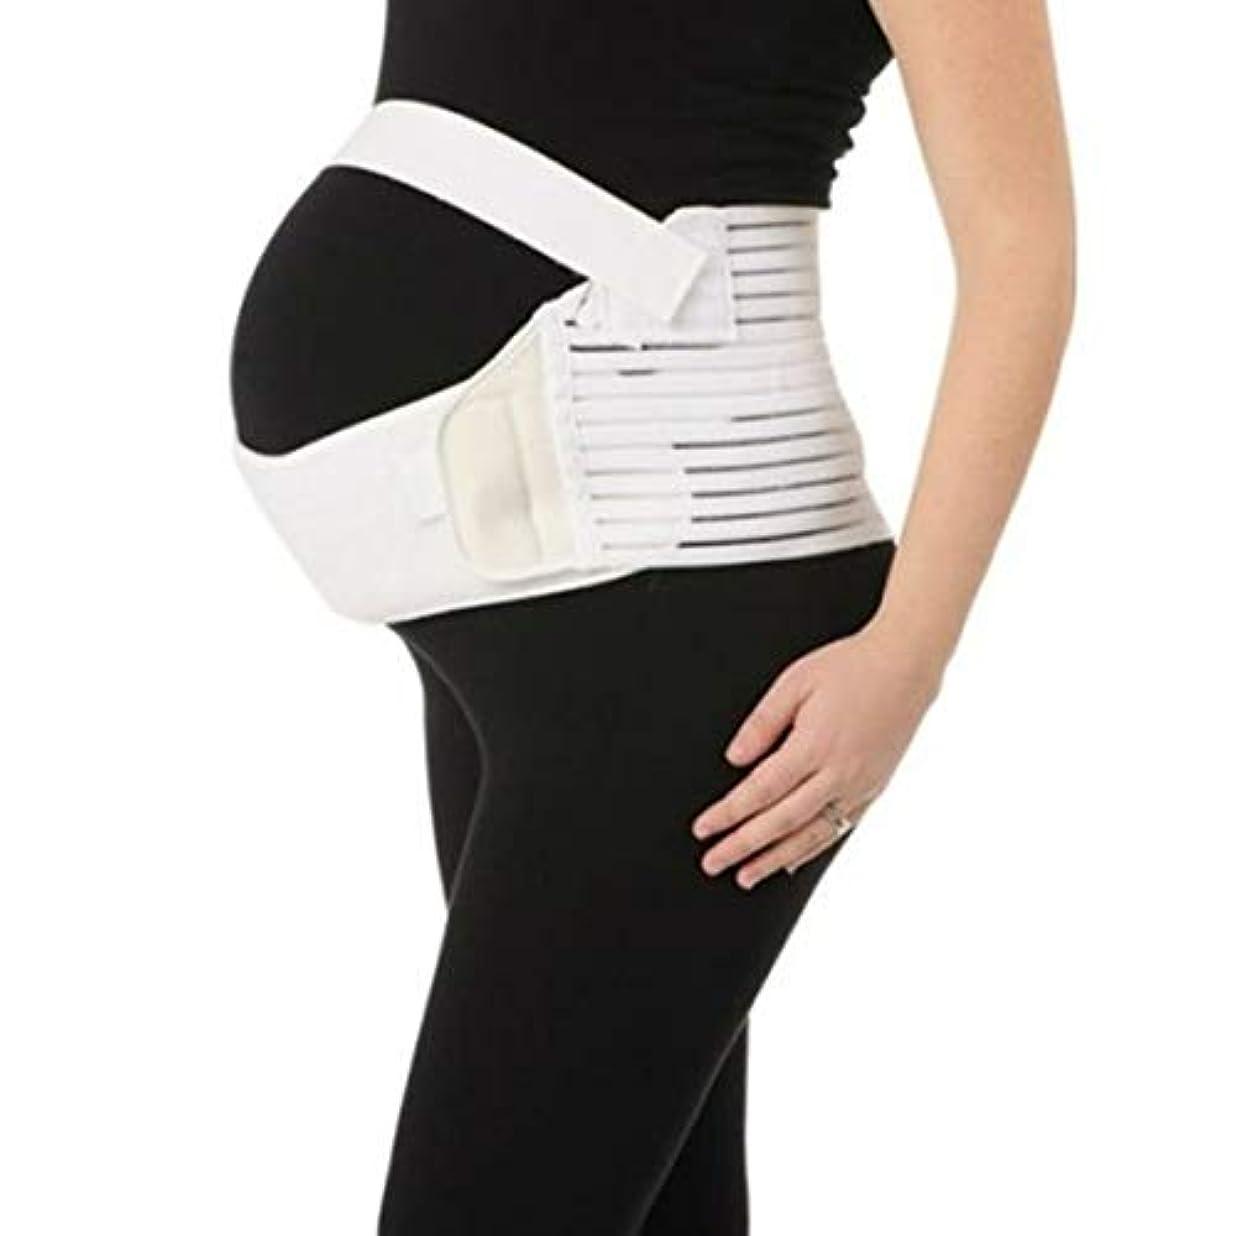 北西ベーシックやめる通気性産科ベルト妊娠腹部サポート腹部バインダーガードル運動包帯産後の回復形状ウェア - ホワイトM